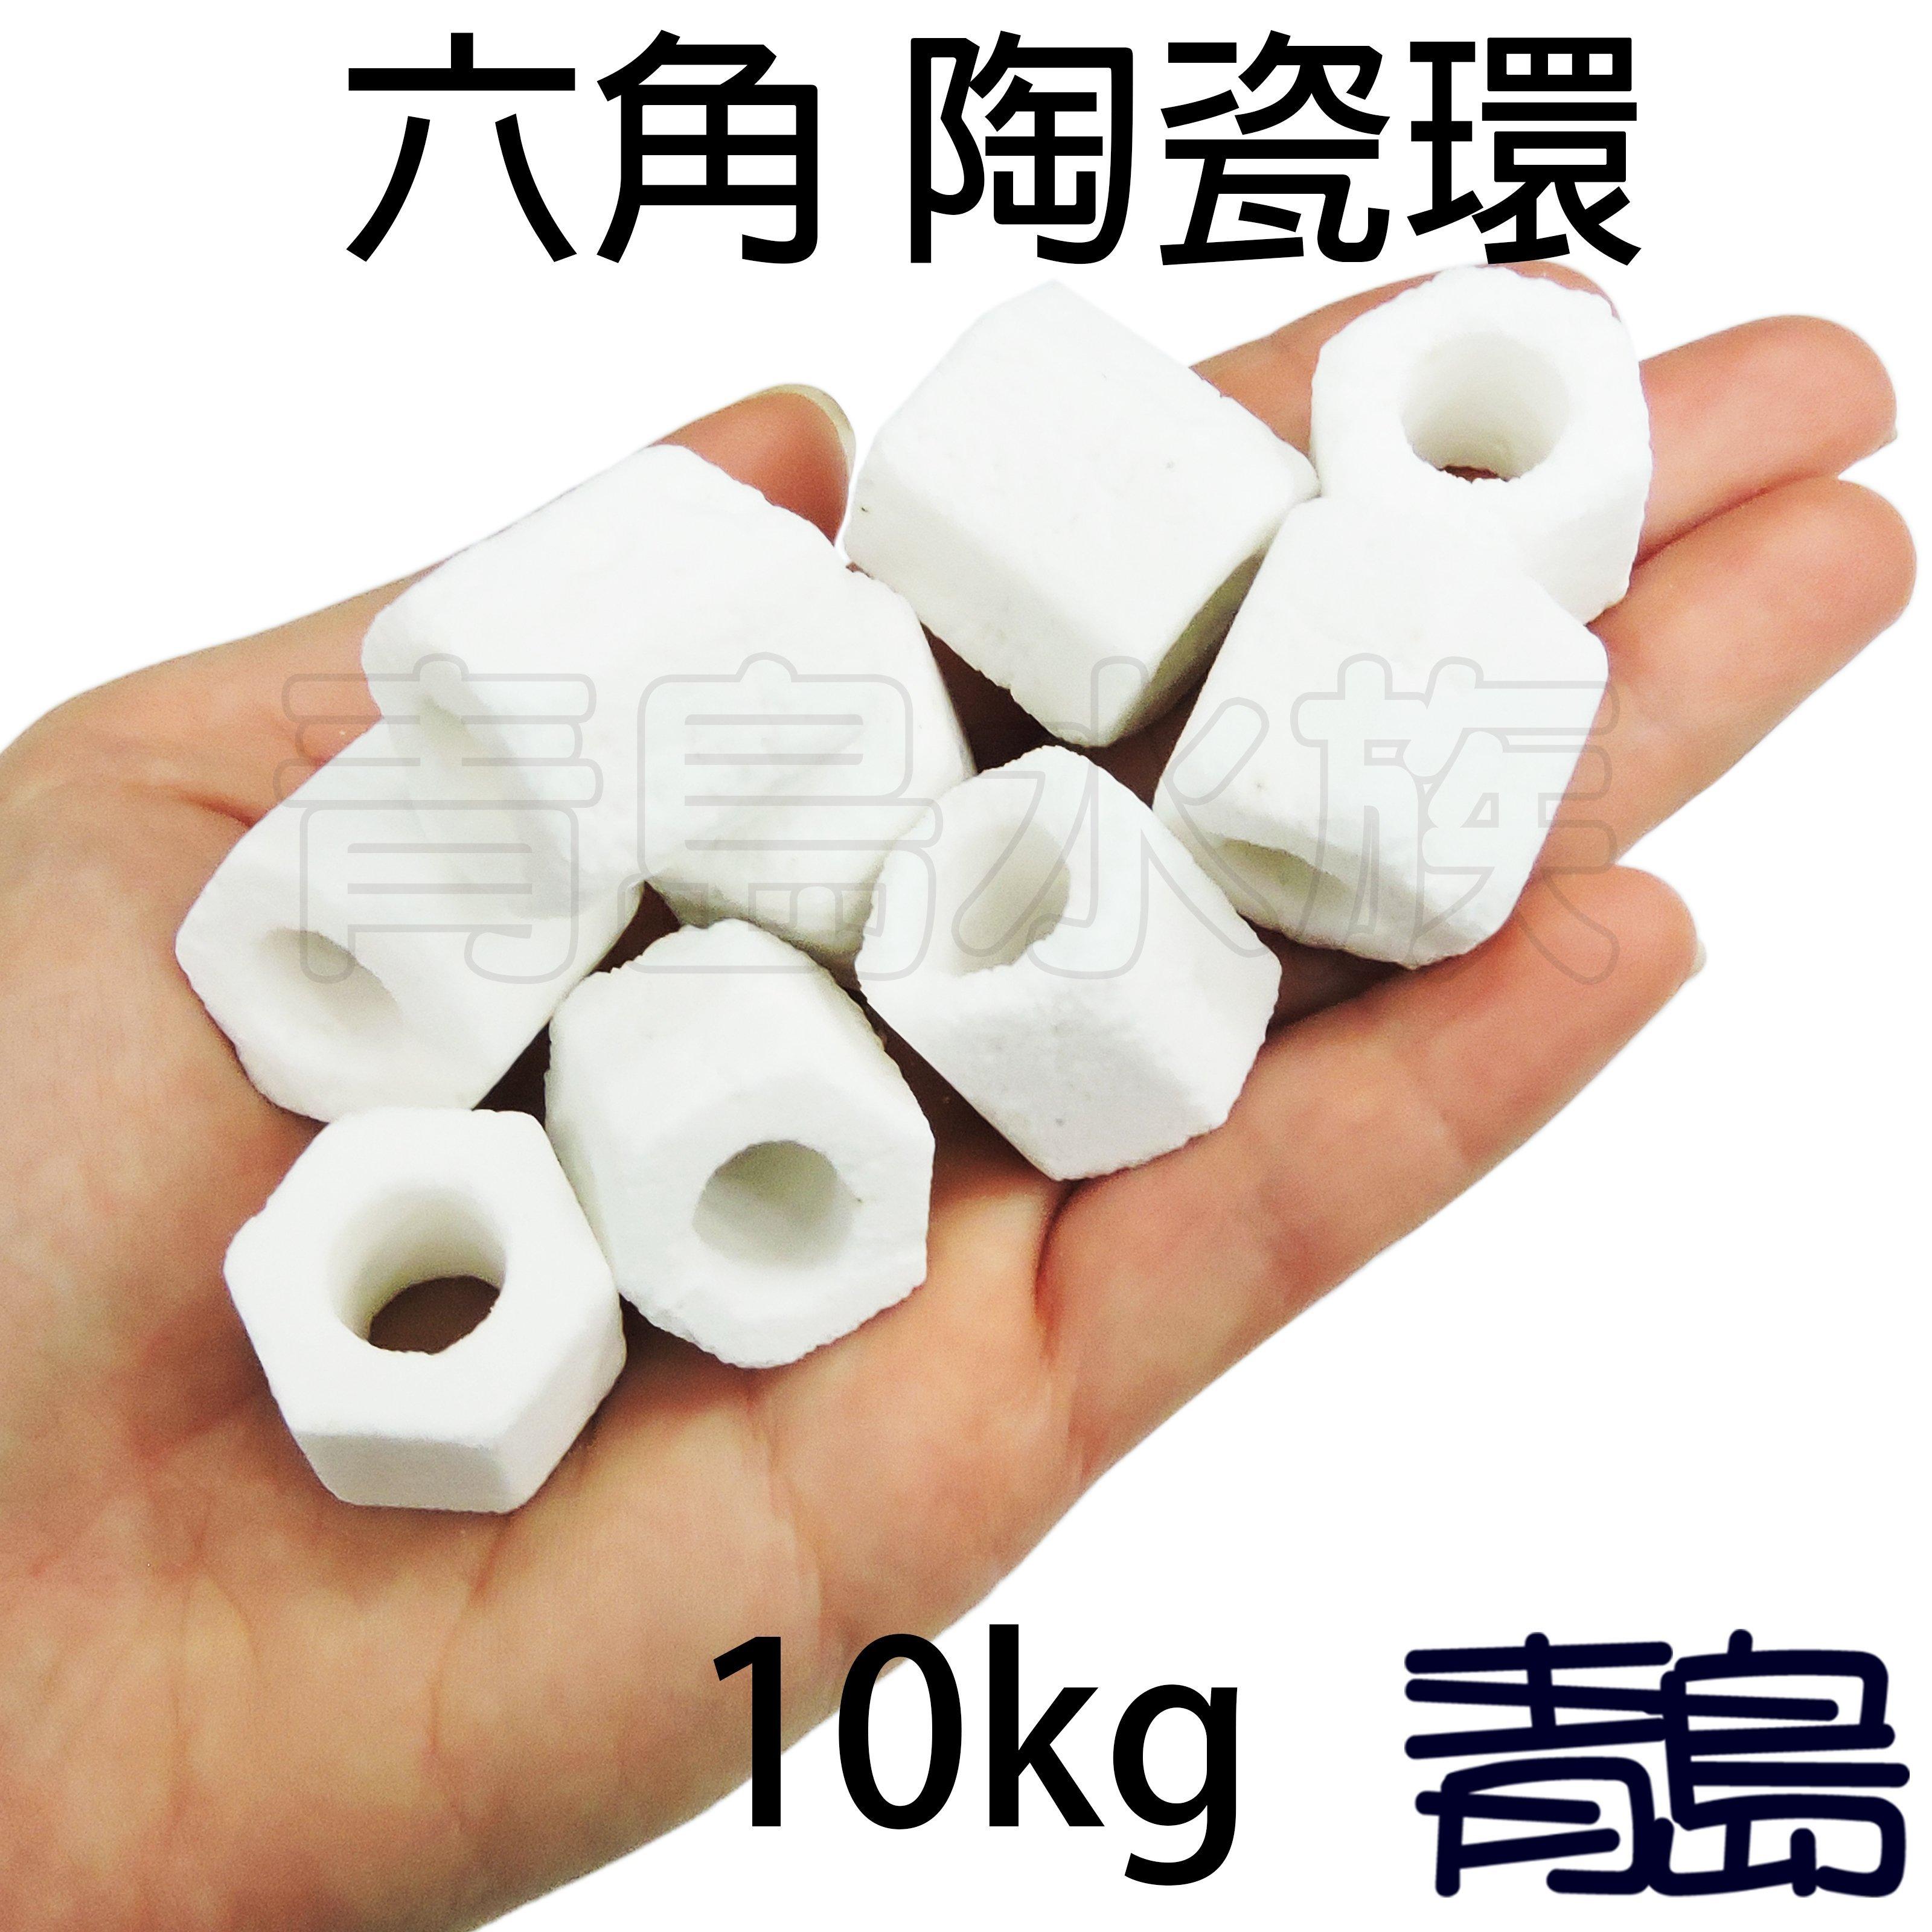 Y。。。青島水族。。。LC-LJ-S-10KG店長嚴選-頂級呼吸 石英 玻璃 陶瓷環 (六角型)散裝==10kg